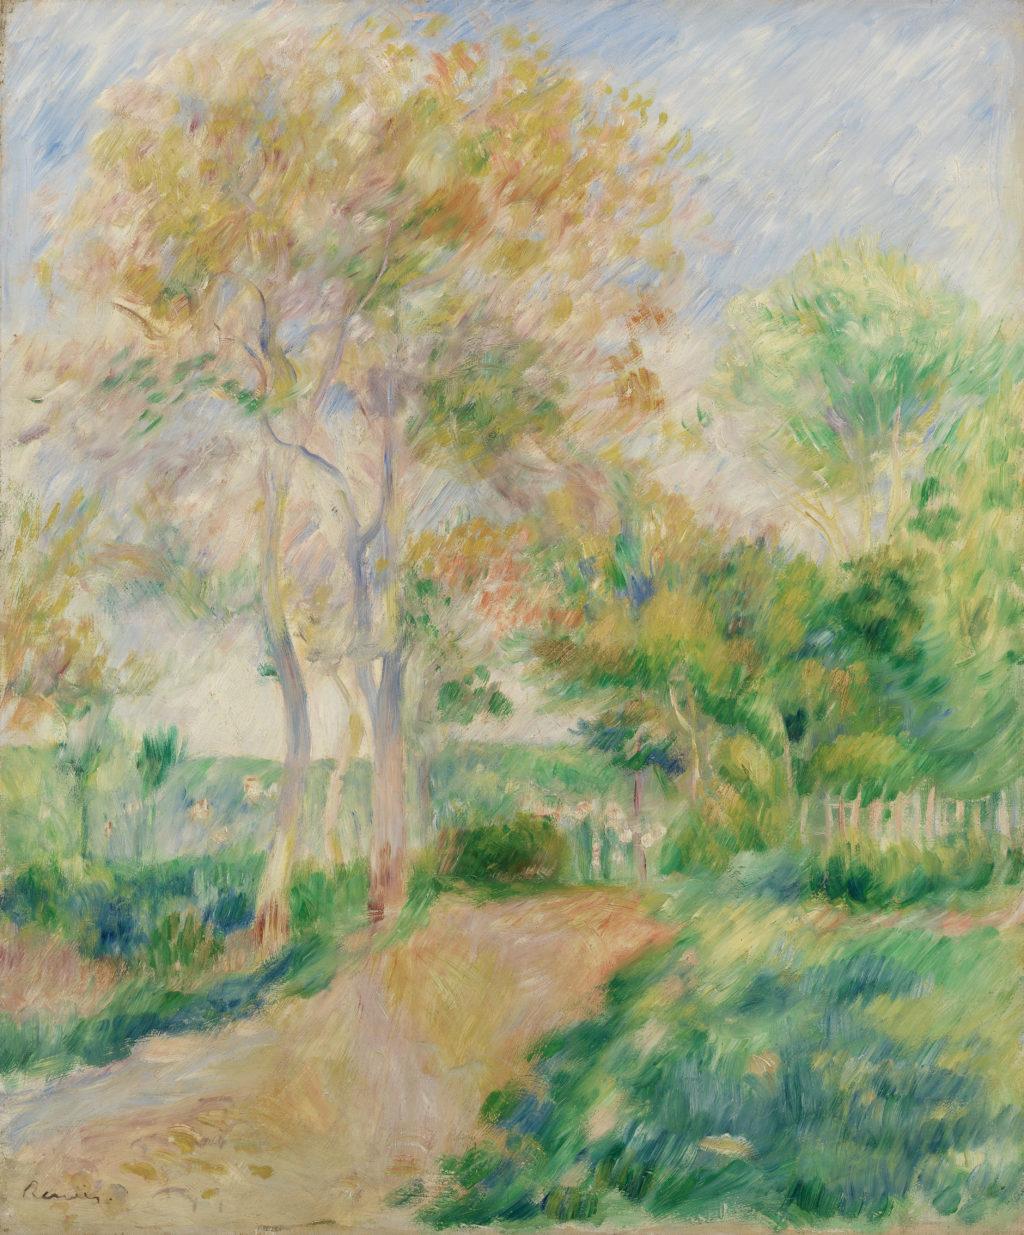 Autumn Landscape (Paysage d'automne)